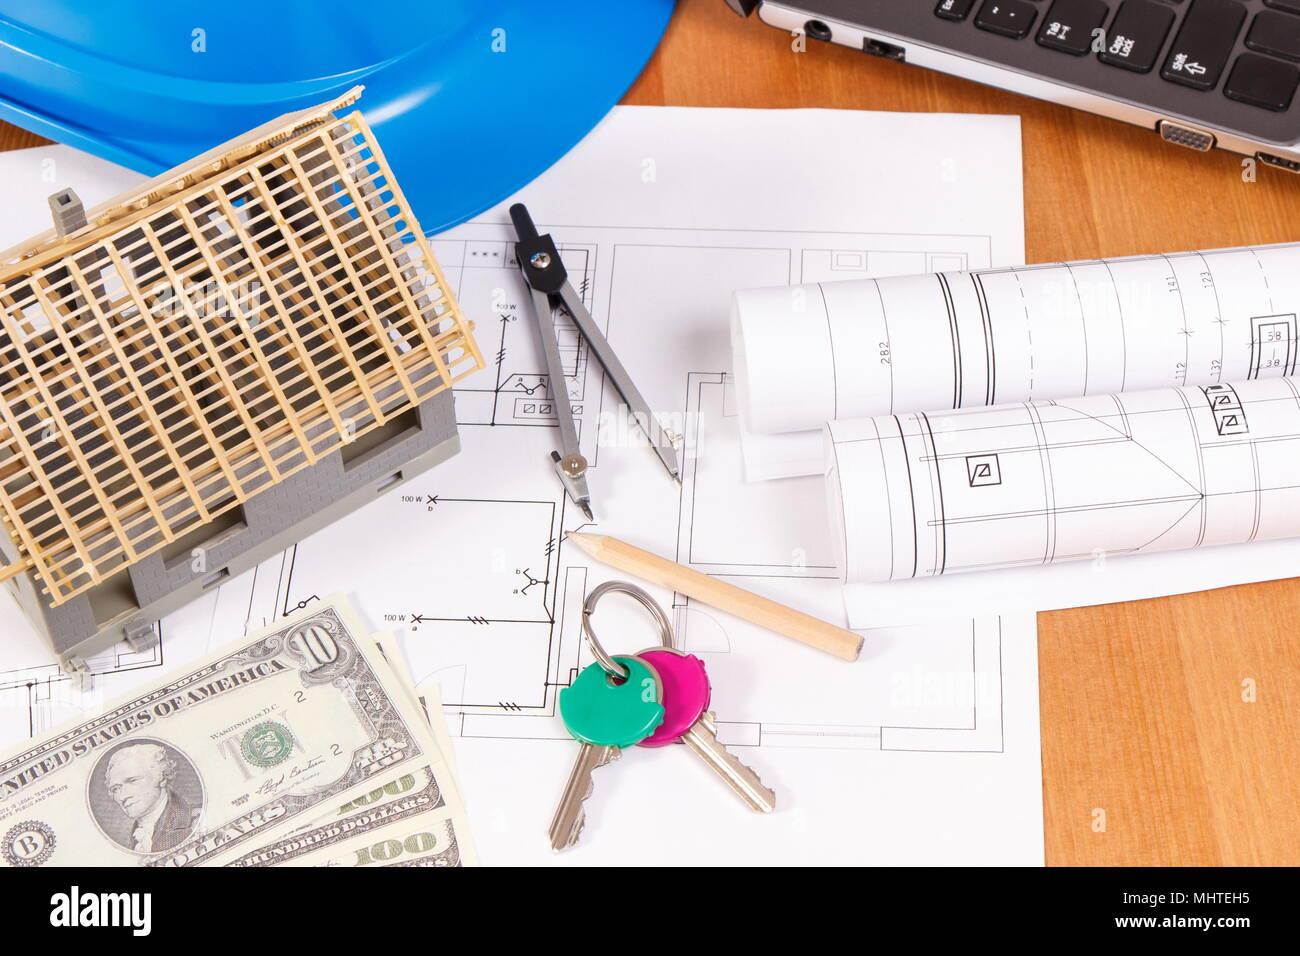 Schemi Elettrici Casa : Home chiavi valute dollar schemi elettrici e accessori per lavori